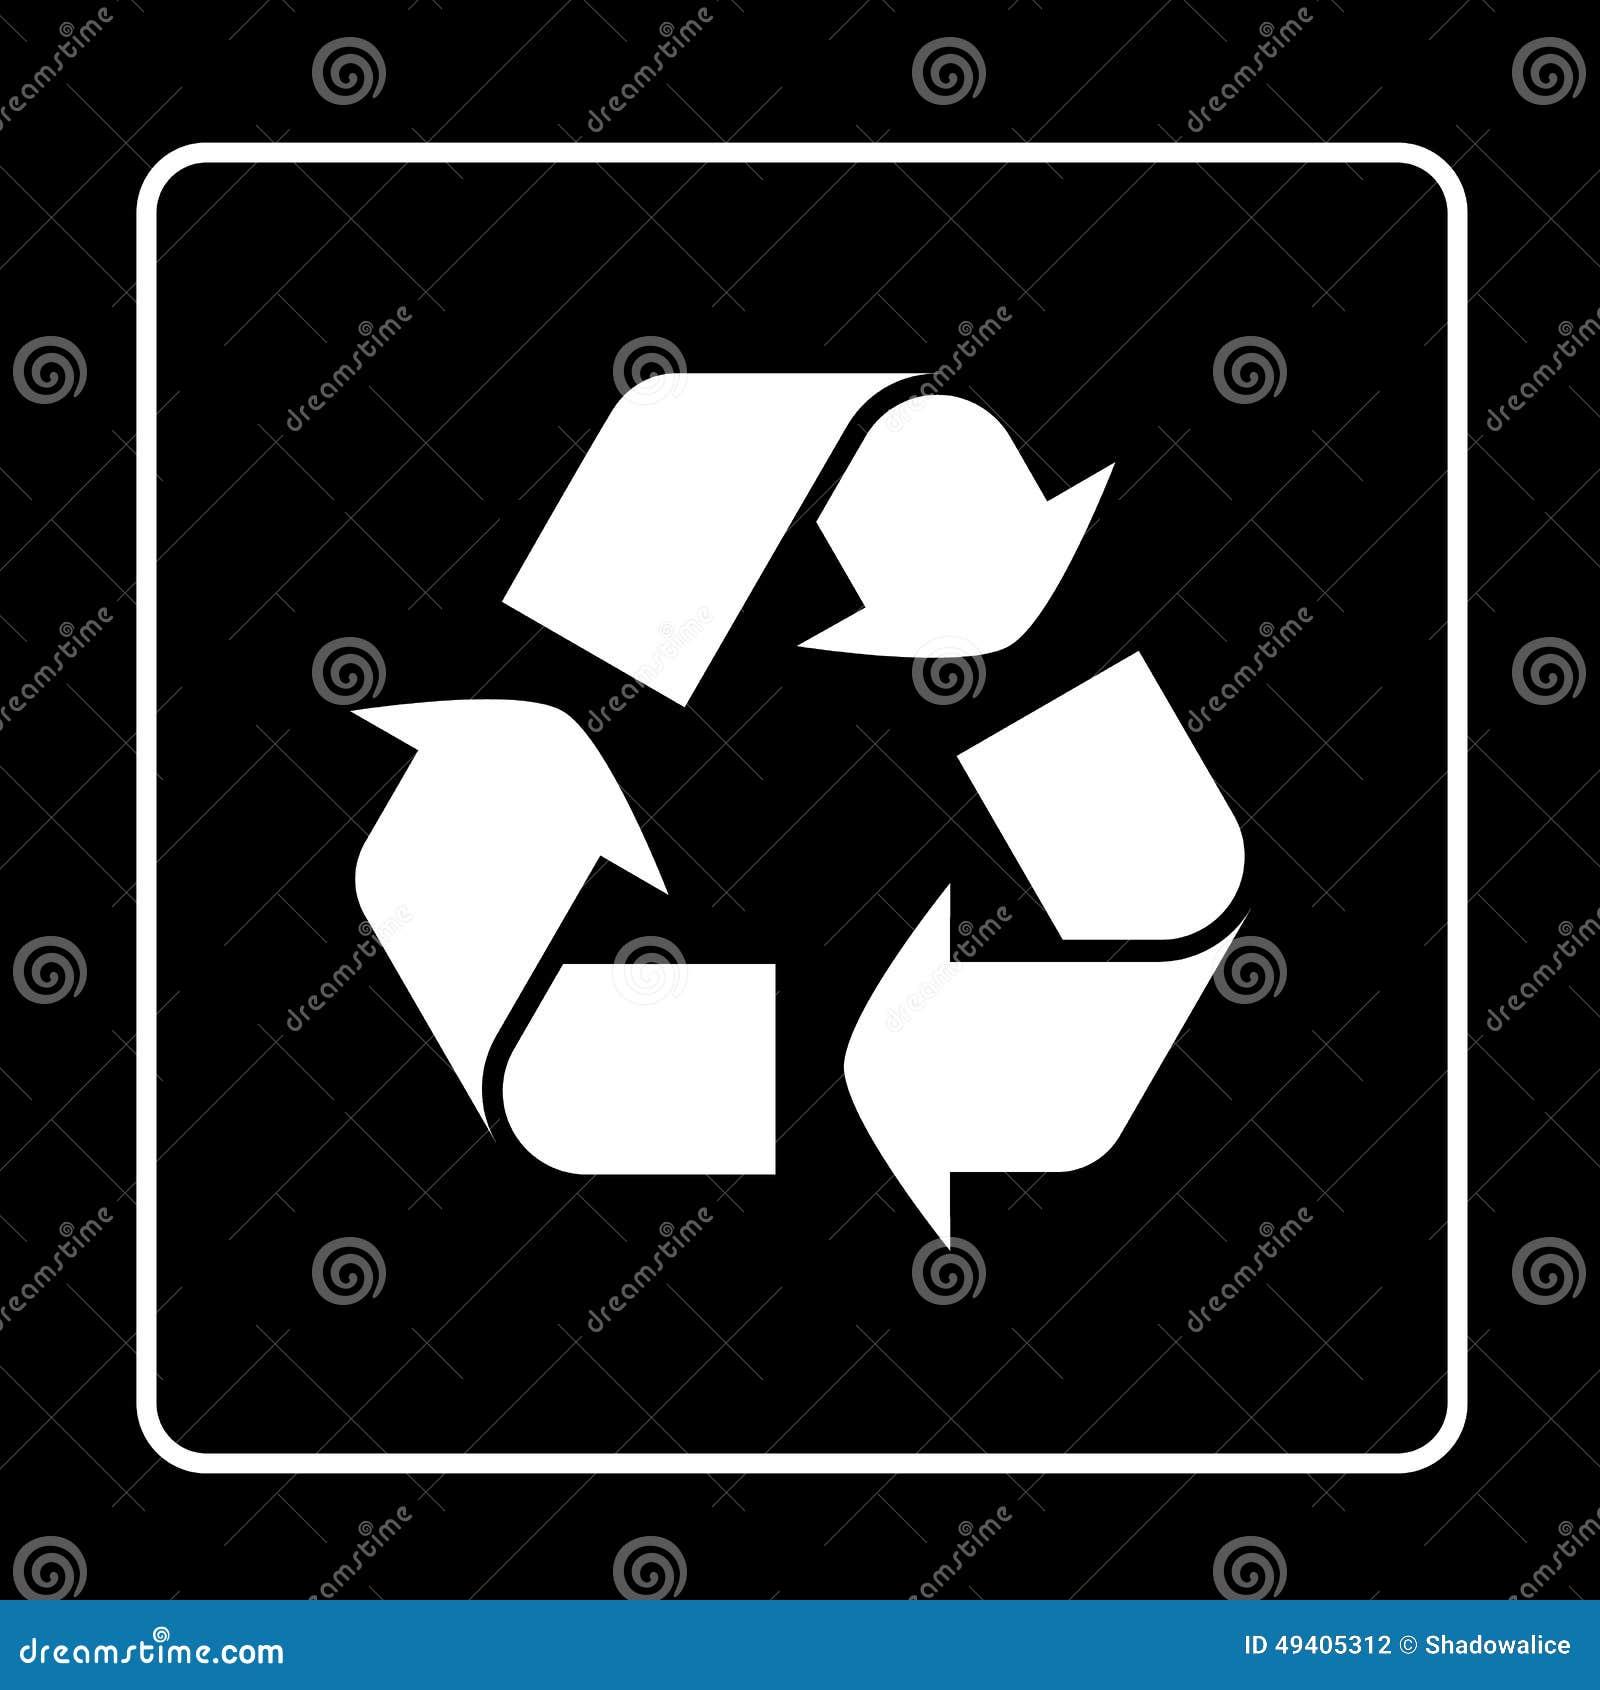 Download Bereiten Sie Die Ikone Auf, Die Für Jeden Möglichen Gebrauch Groß Ist Vektor Eps10 Vektor Abbildung - Illustration von wiederverwertung, wiederverwendung: 49405312